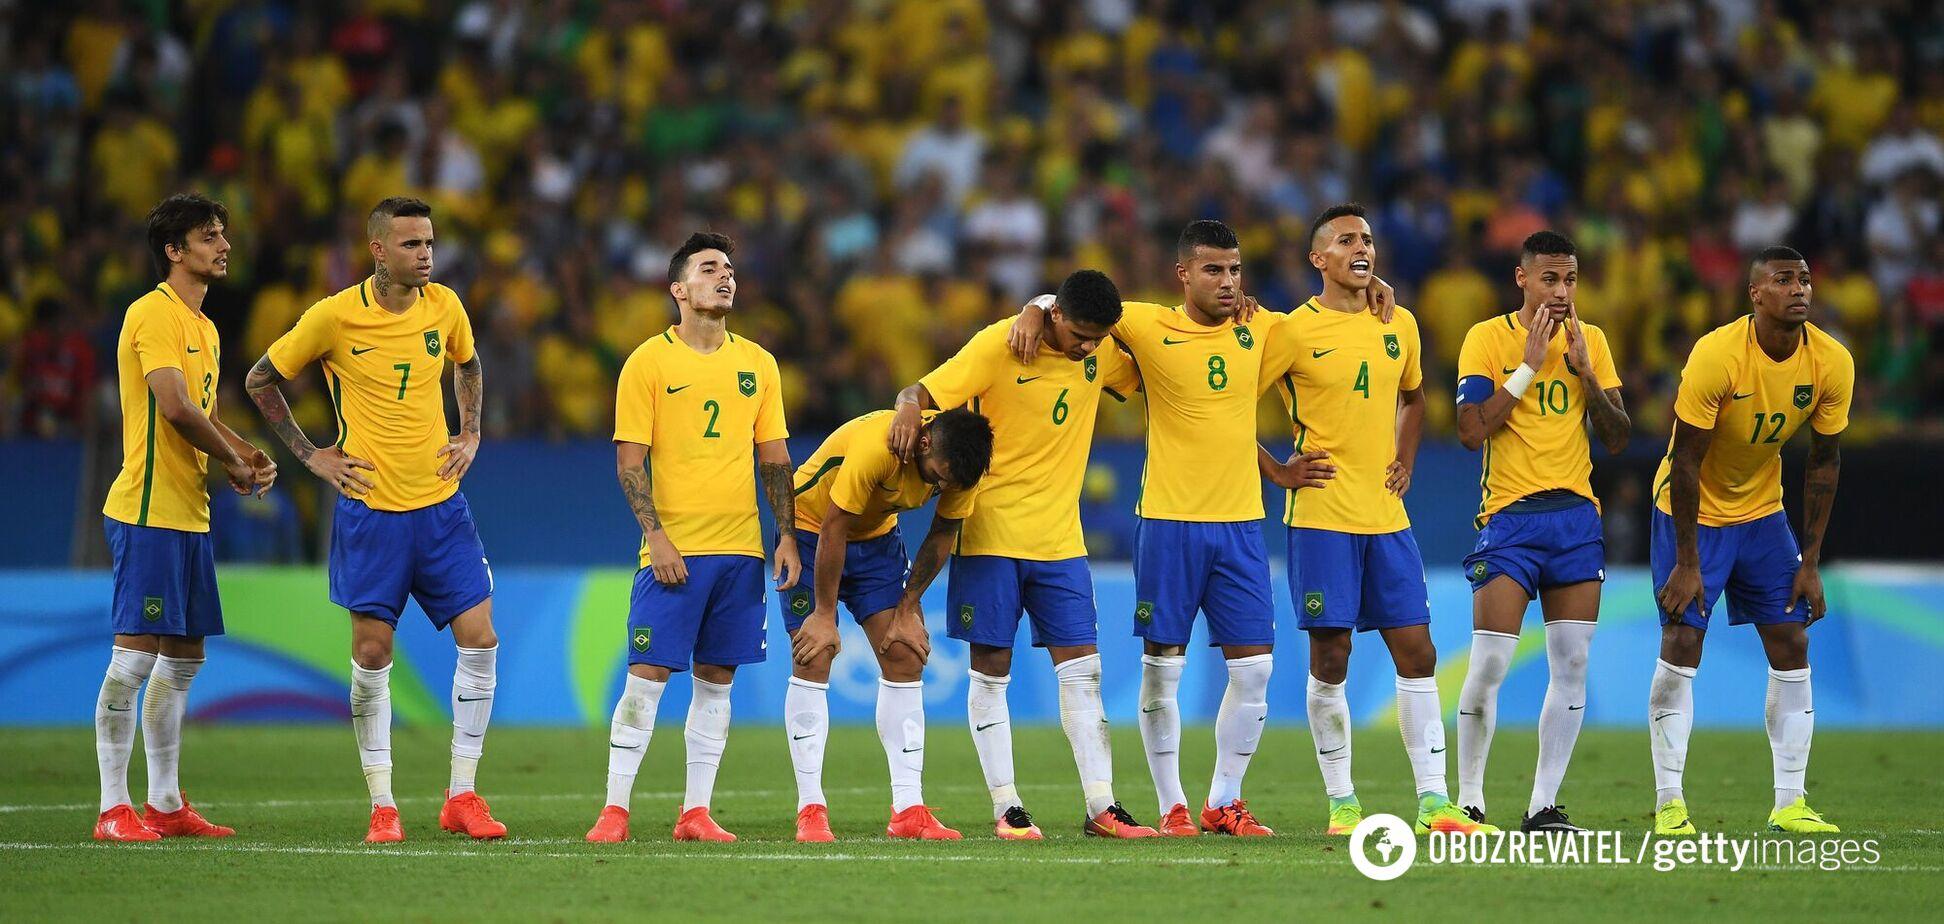 Олимпийская сборная Бразилии